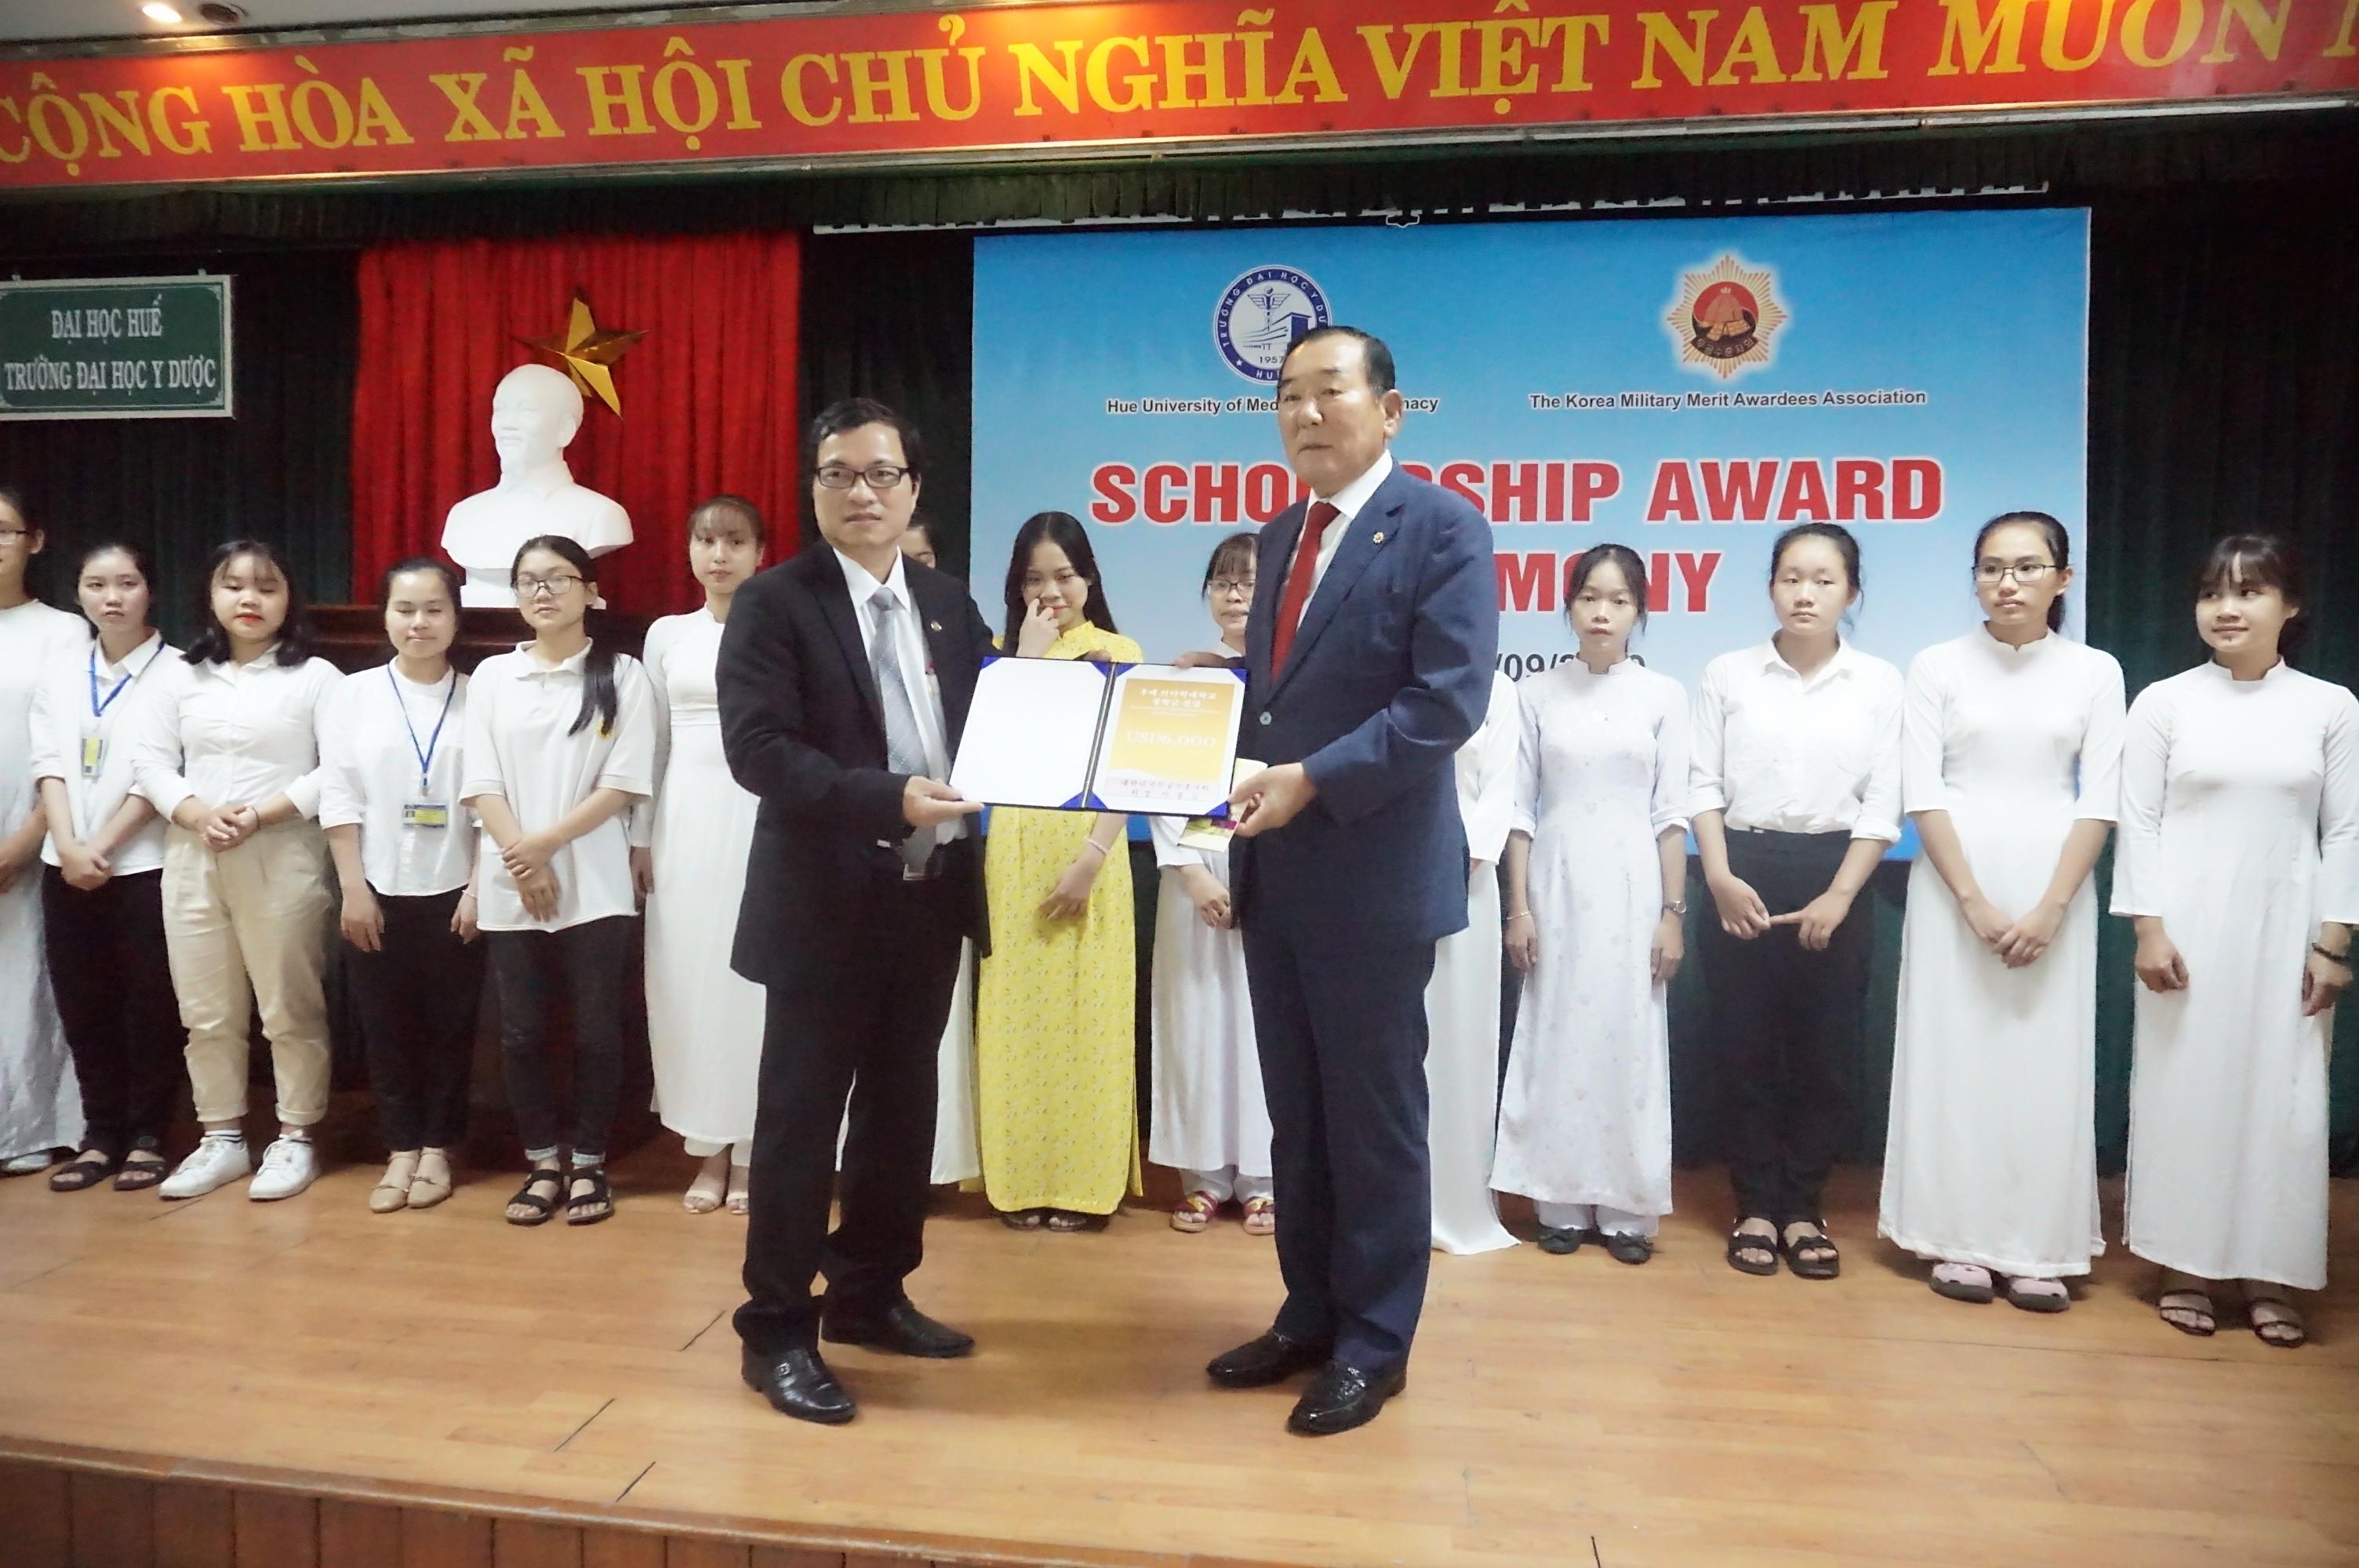 Trao học bổng Hiệp hội những người có Huy chương Hàn Quốc năm học 2019-2020 cho sinh viên Điều dưỡng